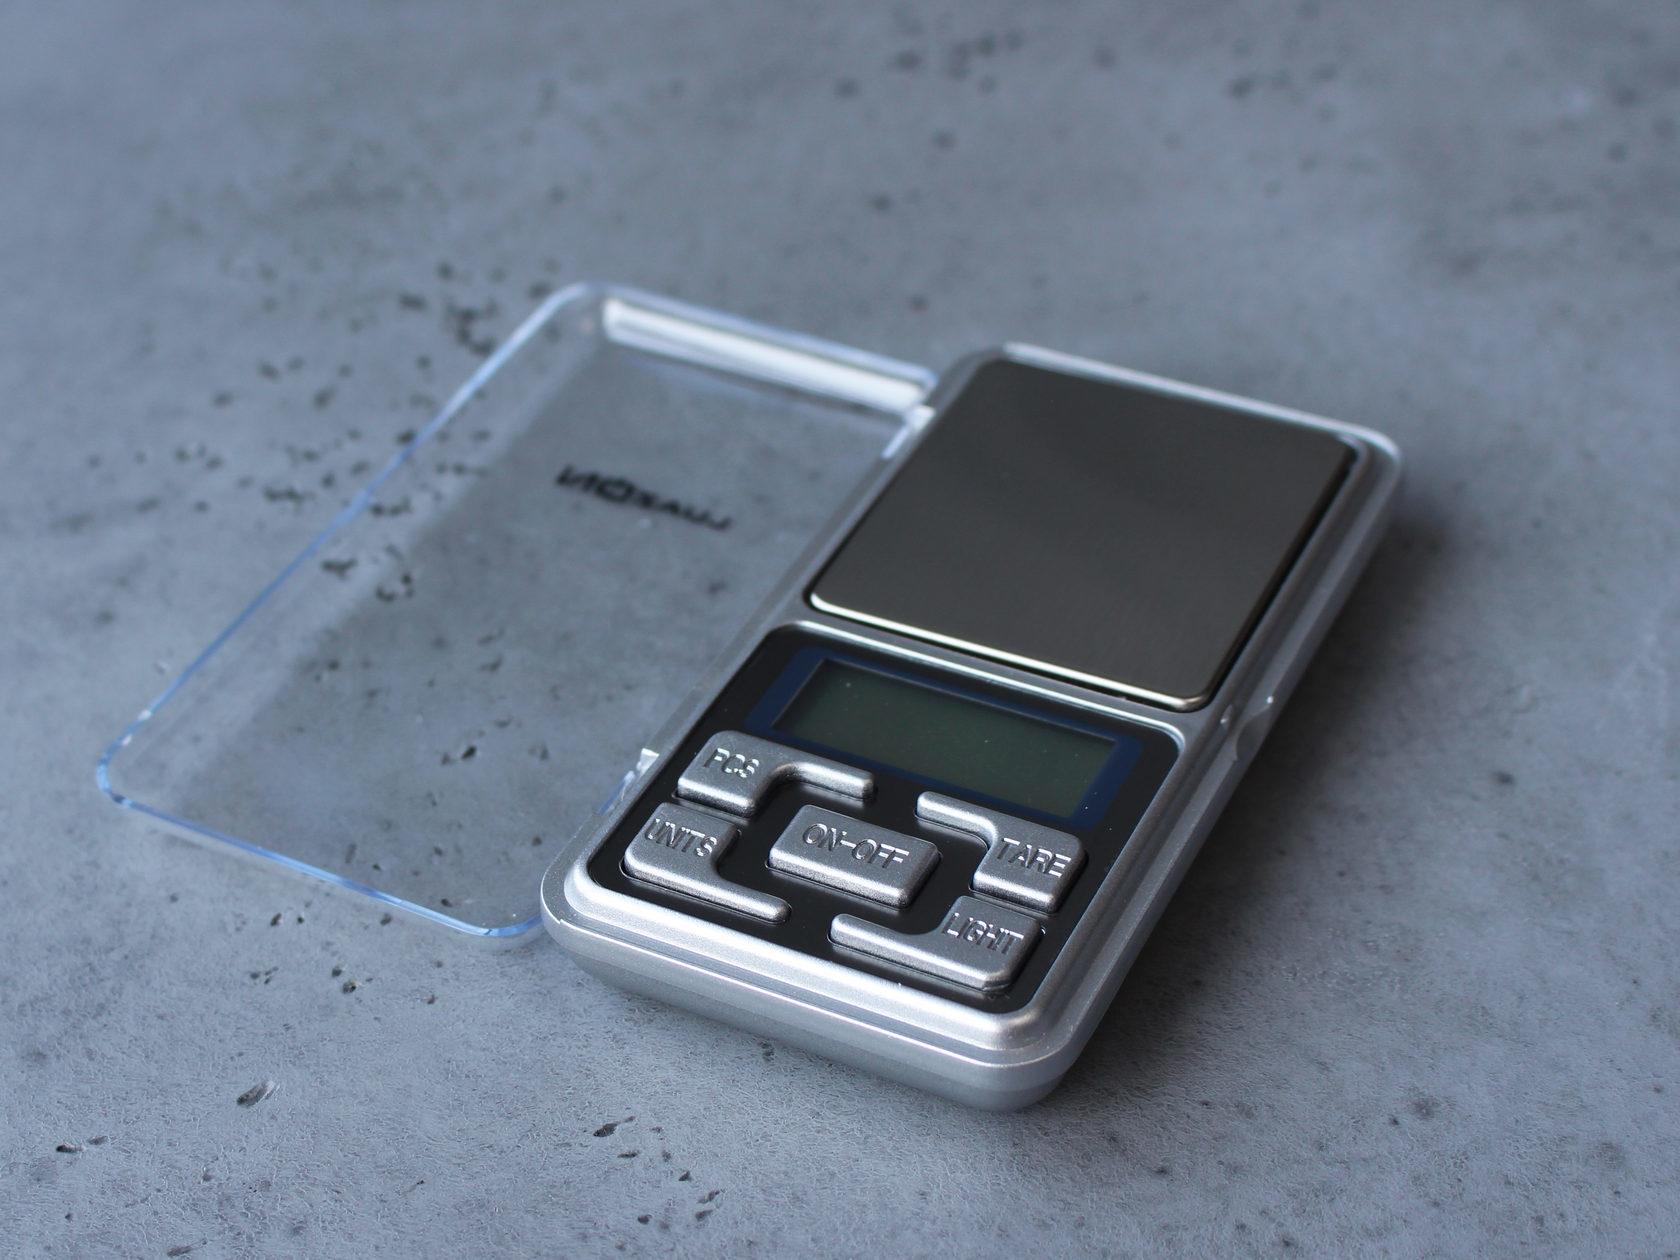 Весы электронные (ювелирные) с точностью до 0,01 гр, вес до 400 гр